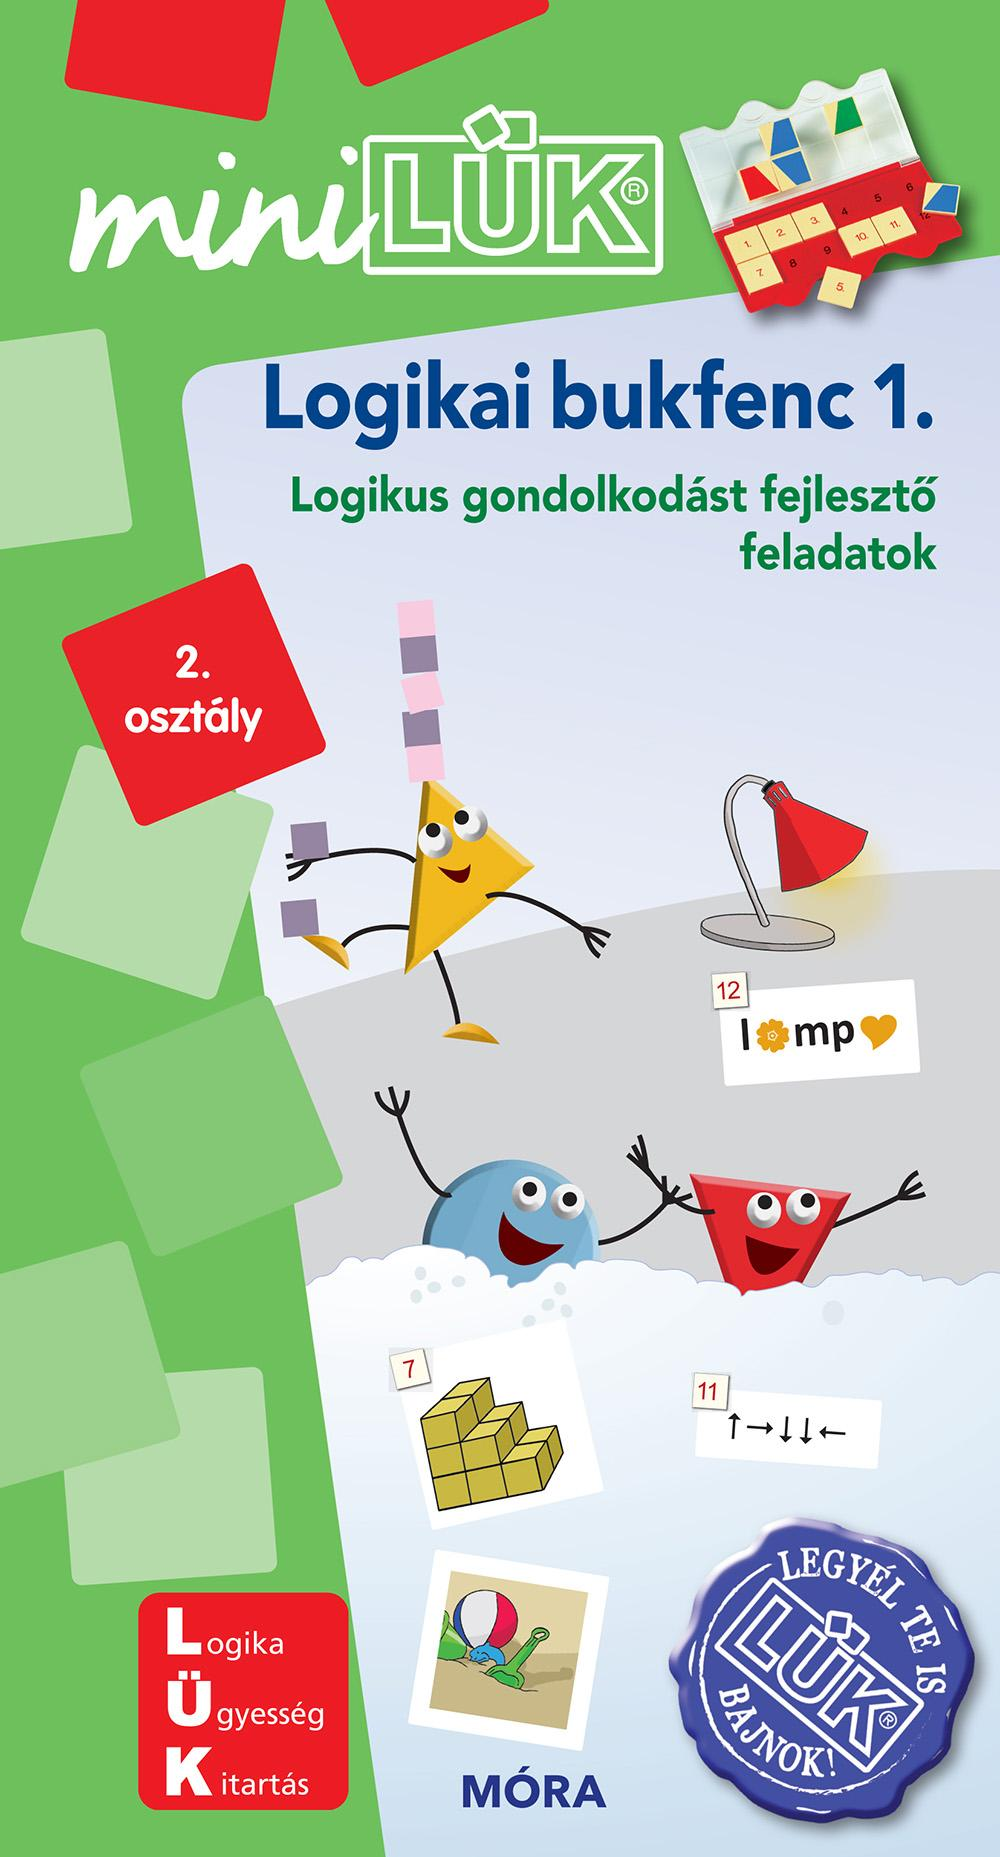 LOGIKAI BUKFENC 1. - LOGIKUS GONDOLKODÁST FEJLESZTÕ FELADATOK - MINILÜK